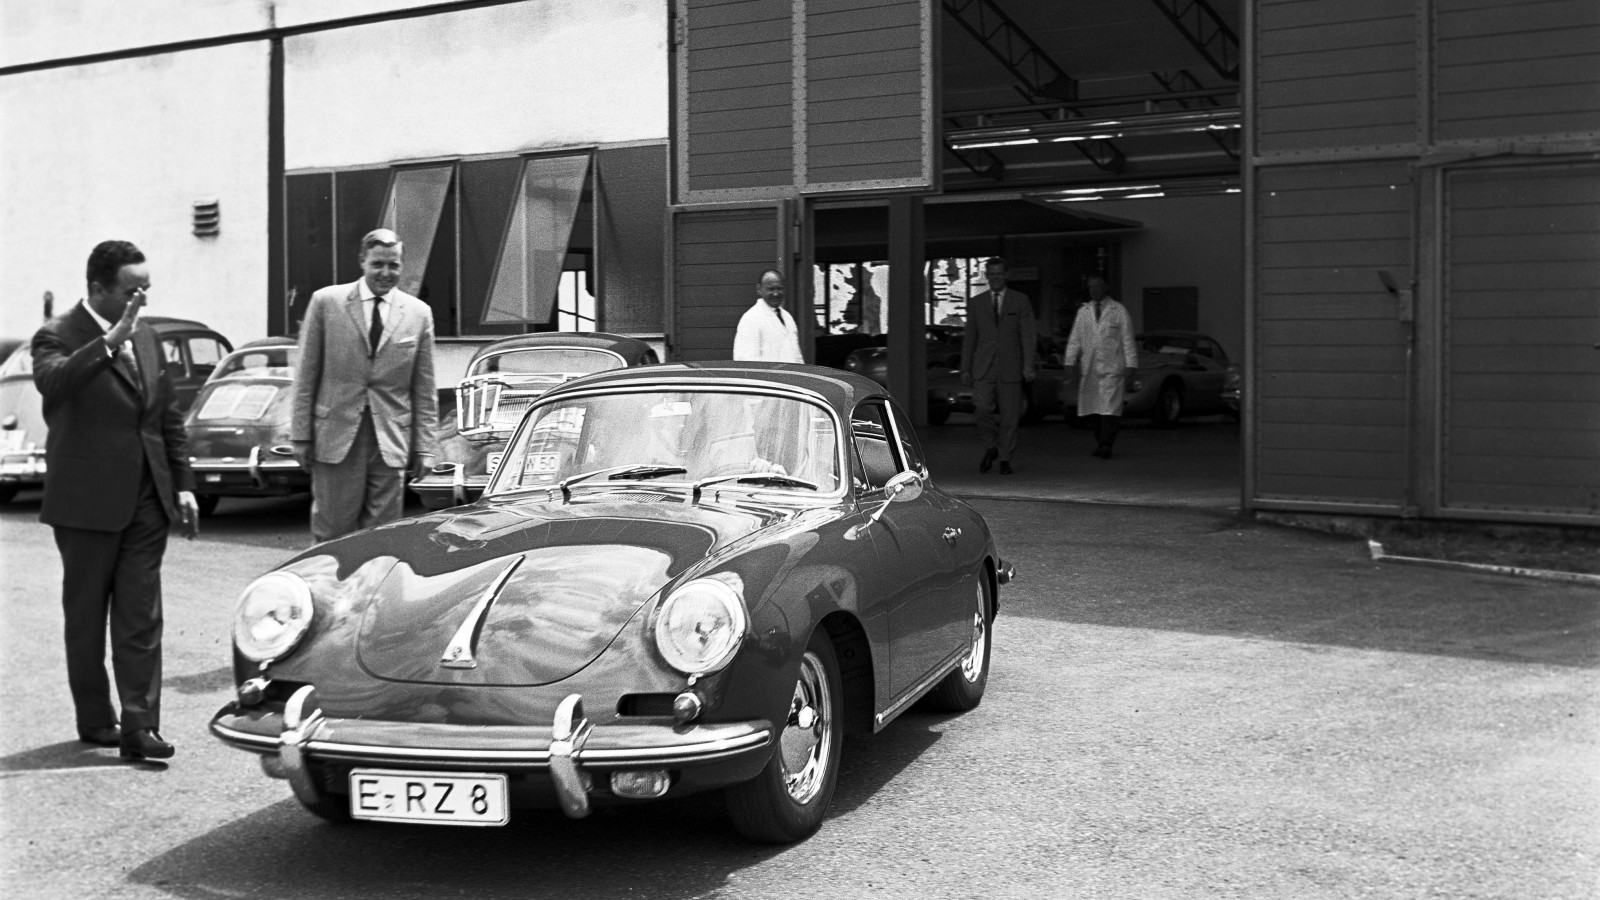 Porschemedarbetarna Harald Wagner och Alfried Krupp vinkar adjö åt den nyblivna 356 B-ägaren.